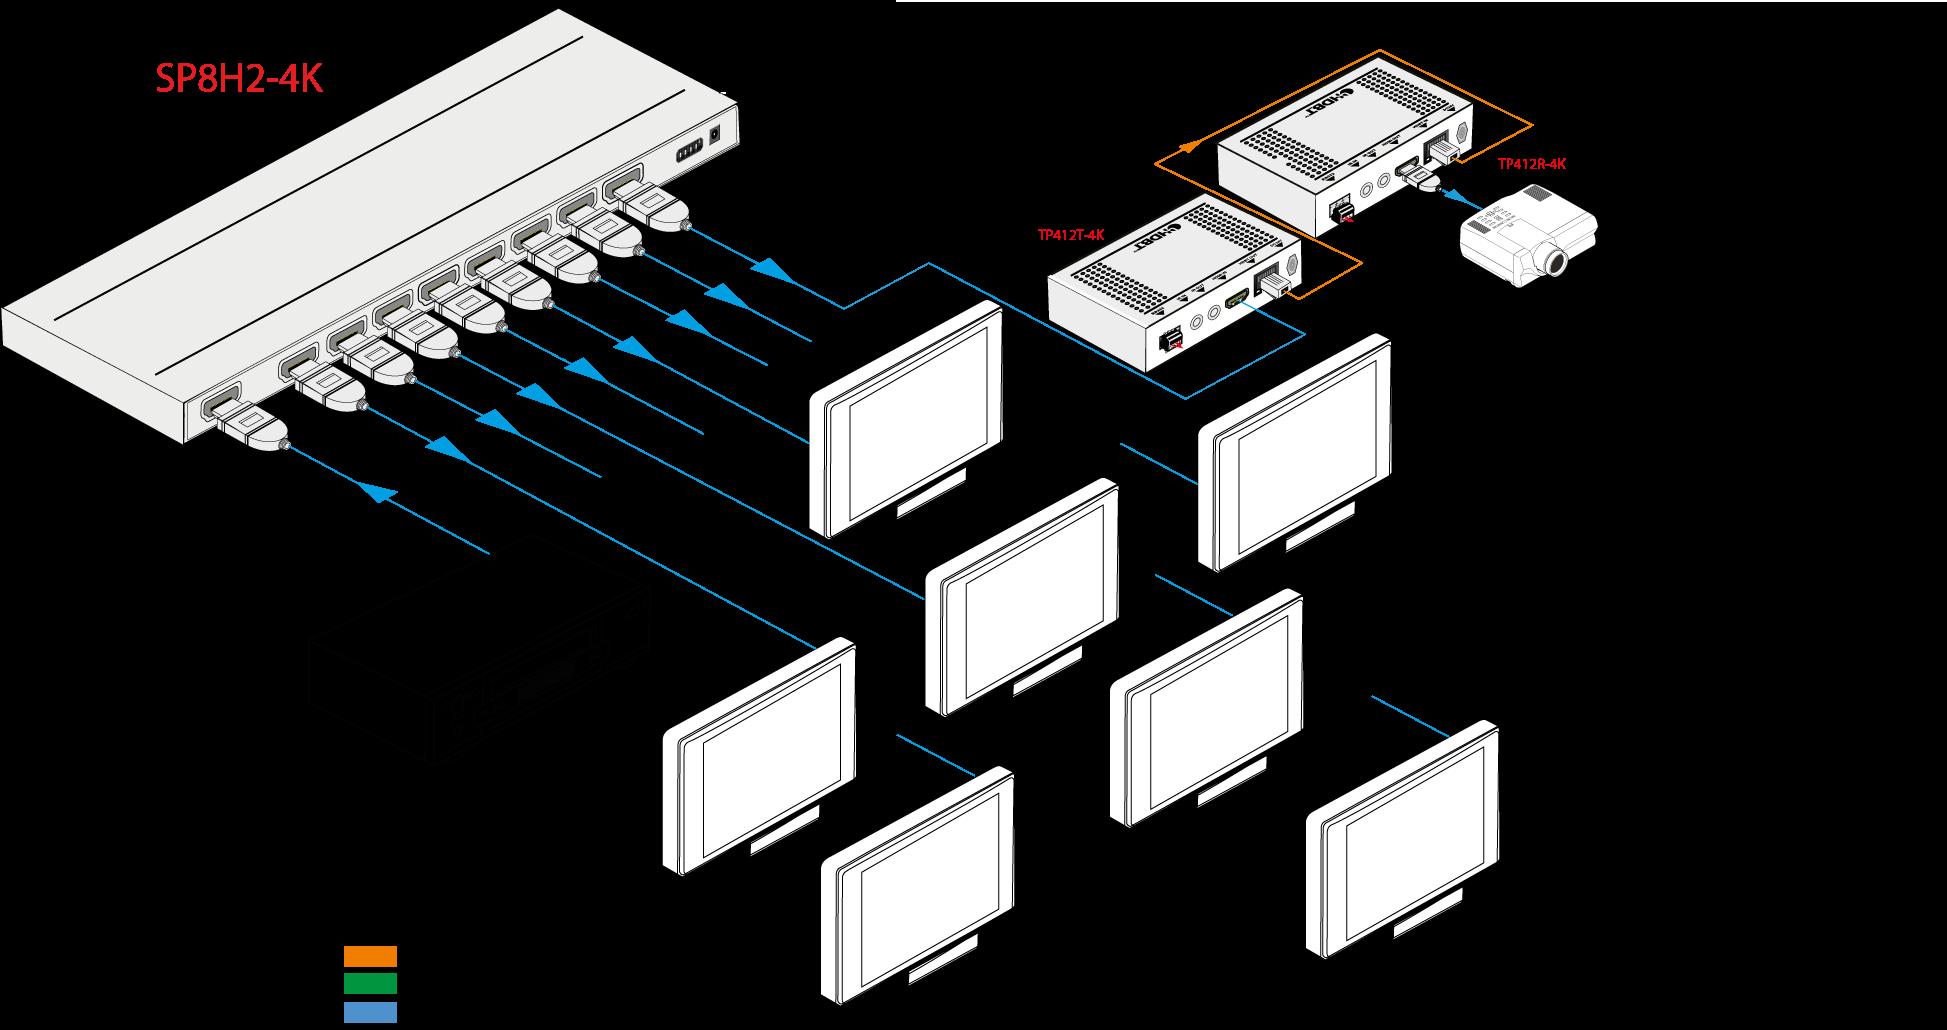 SP8H2-4K - Distributeur HDMI 1x8, 4K@60Hz 4:4:4 10 m, HDMI2.0